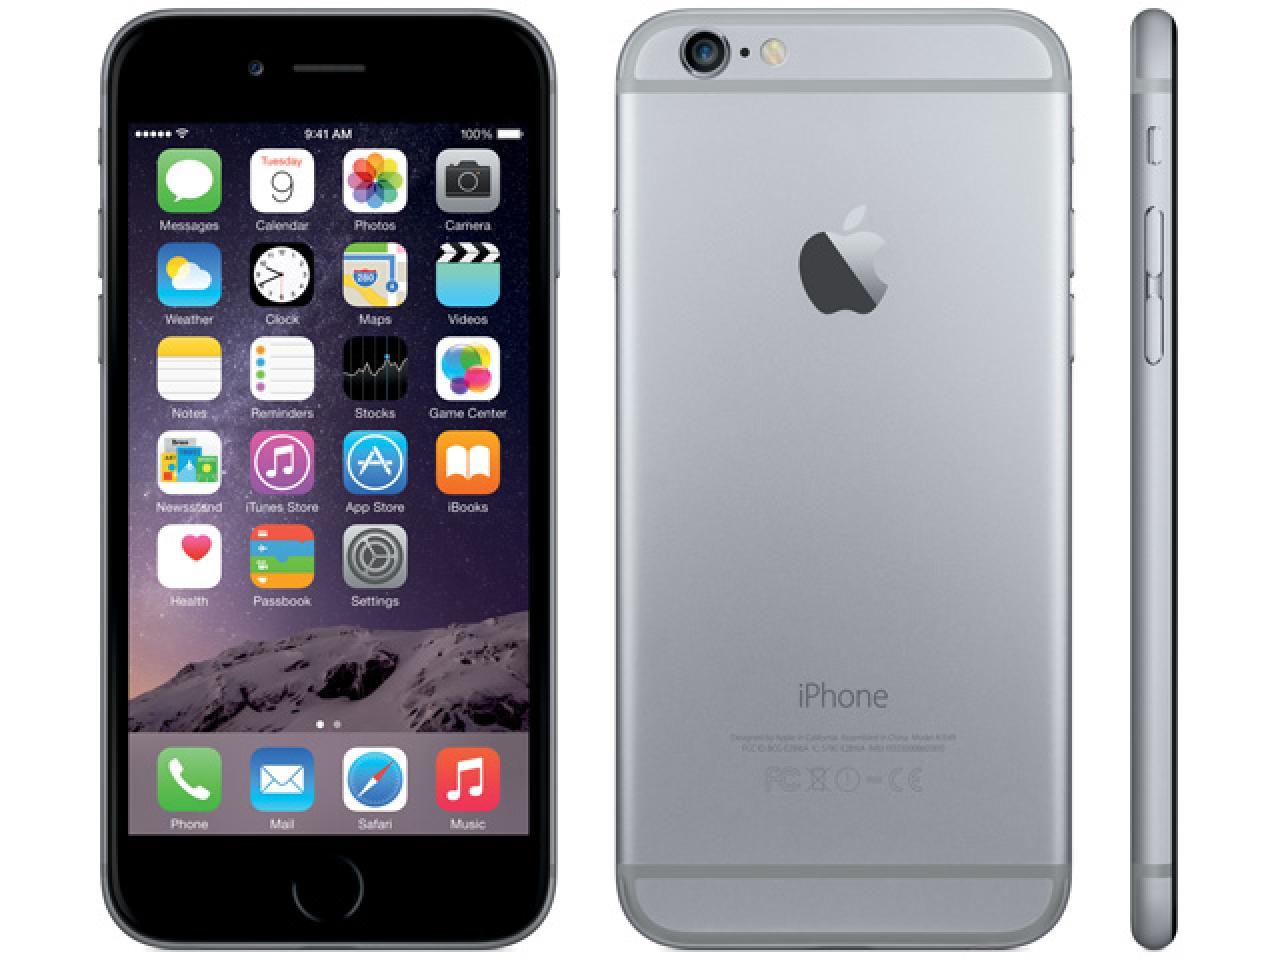 Apple iPhone 6 Space-Grau  - shop.bb-net.de